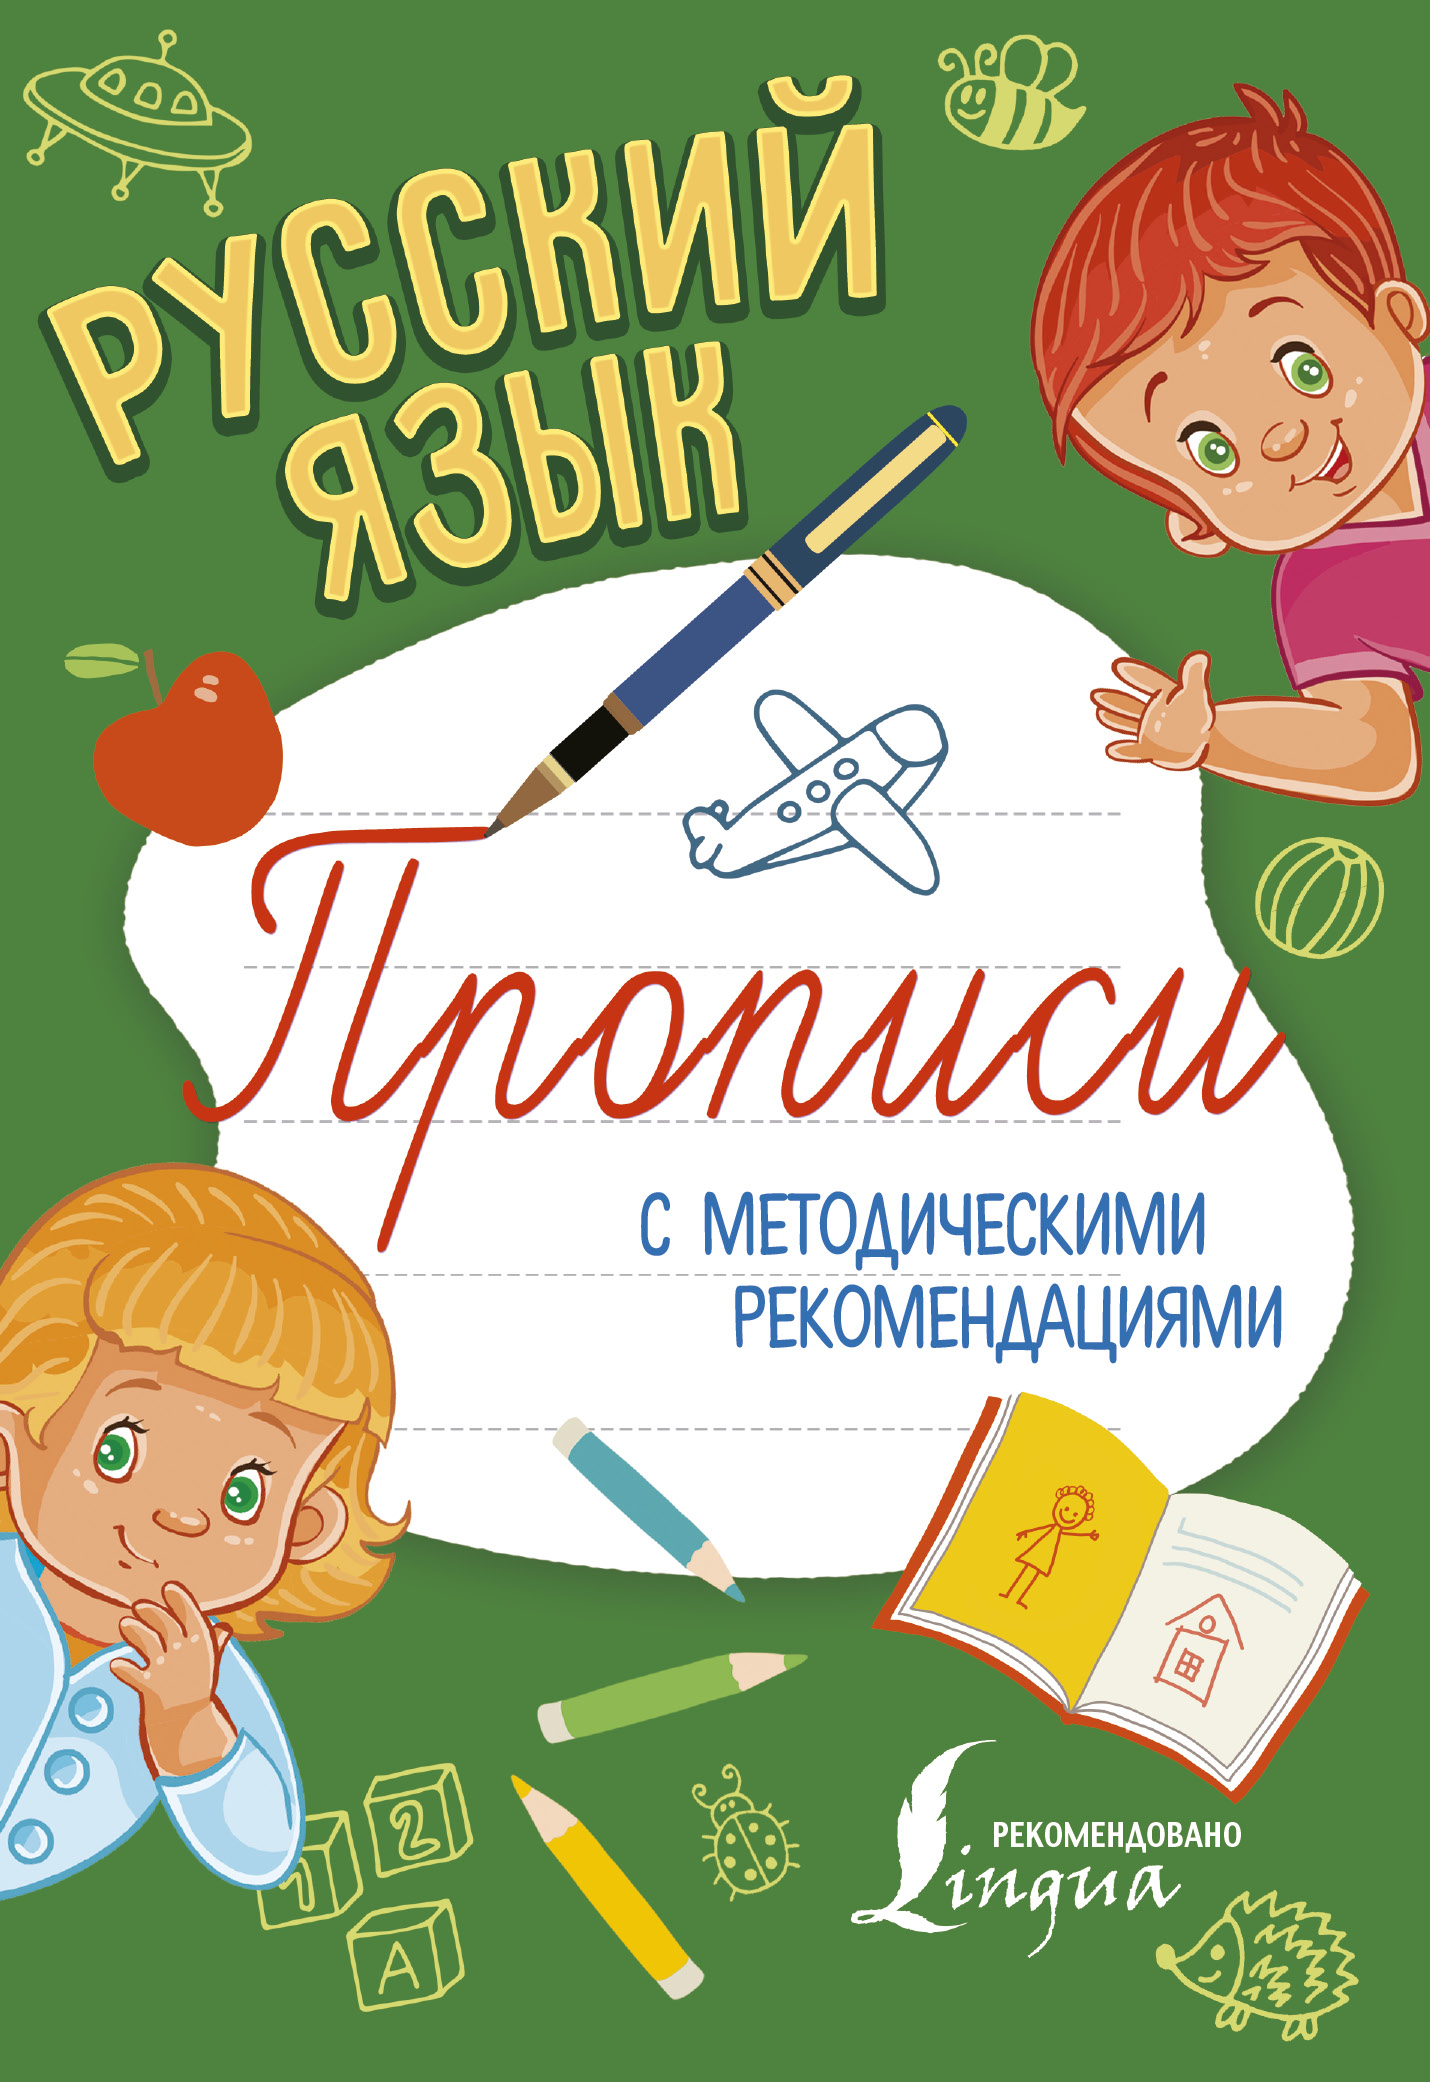 Русский язык. Прописи с методическими рекомендациями ( .  )